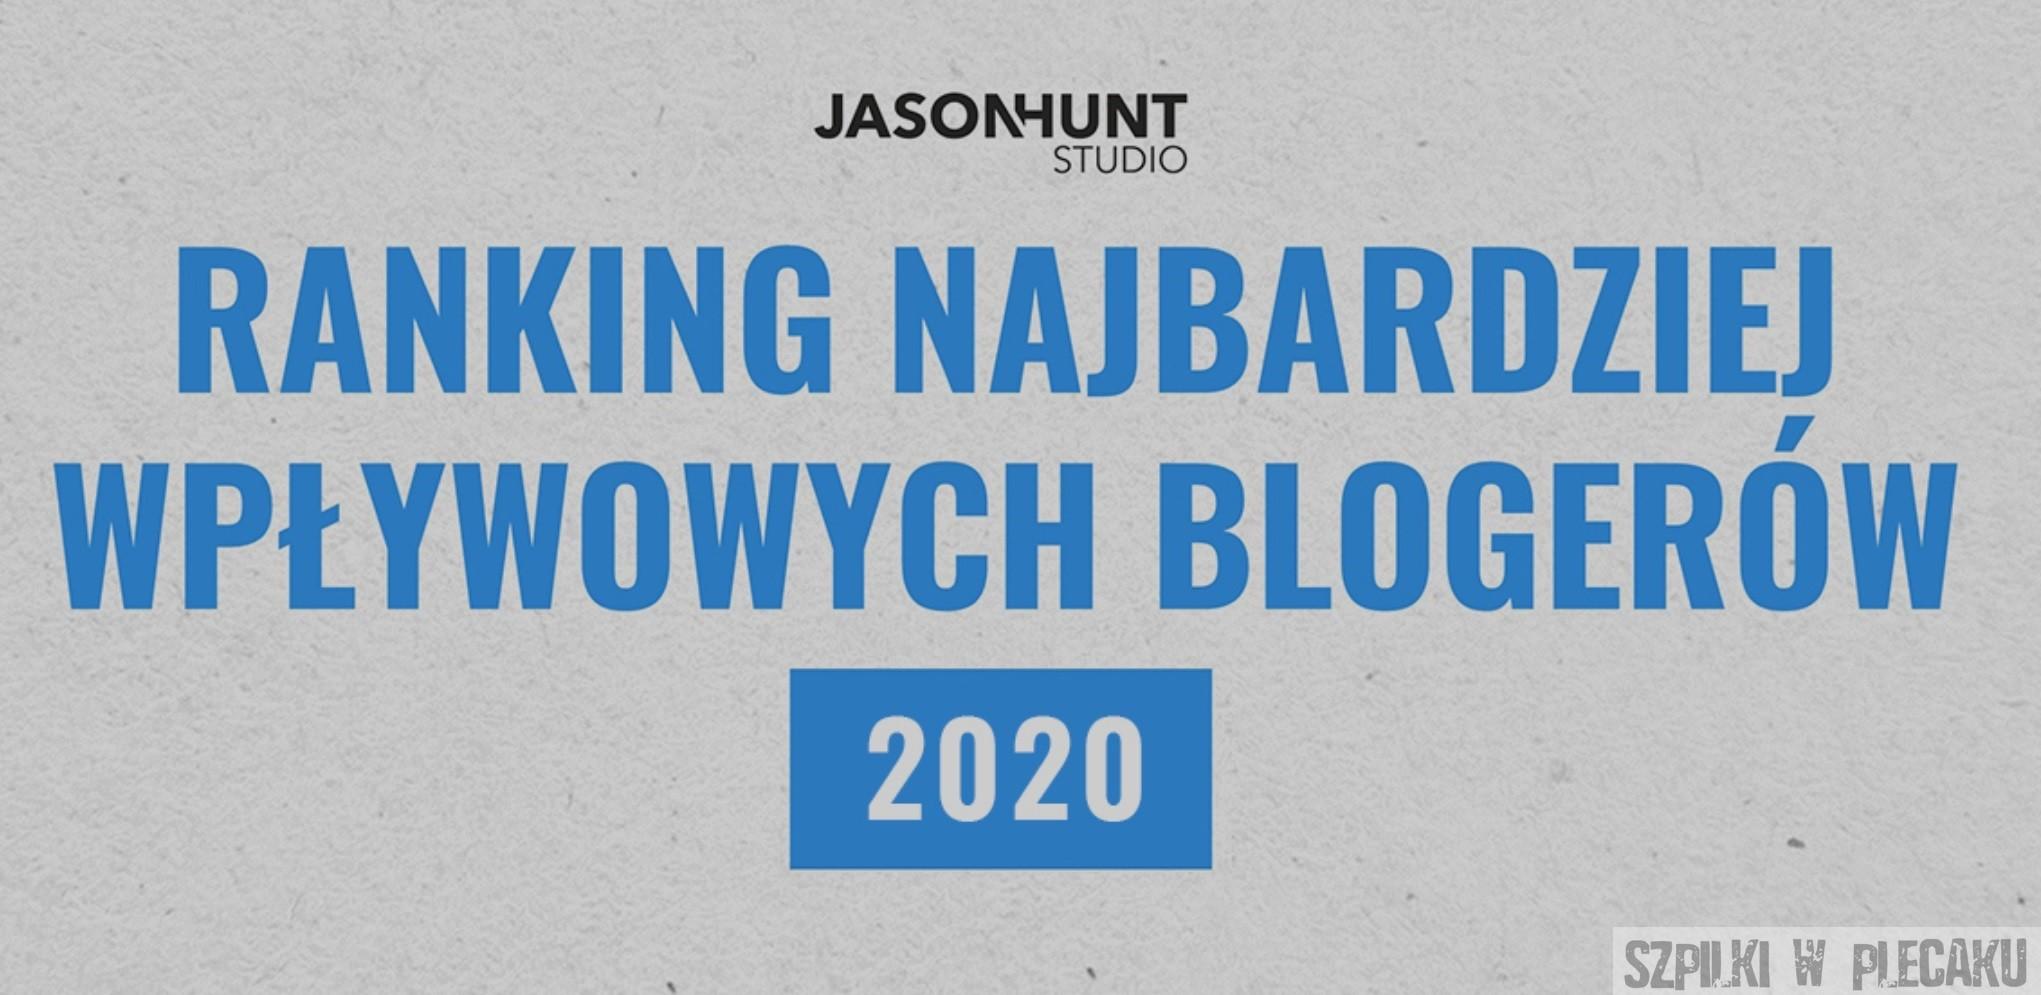 Ranking najbardziej wpływowych blogerów 2020 Jason Hunt Szpilki w plecaku